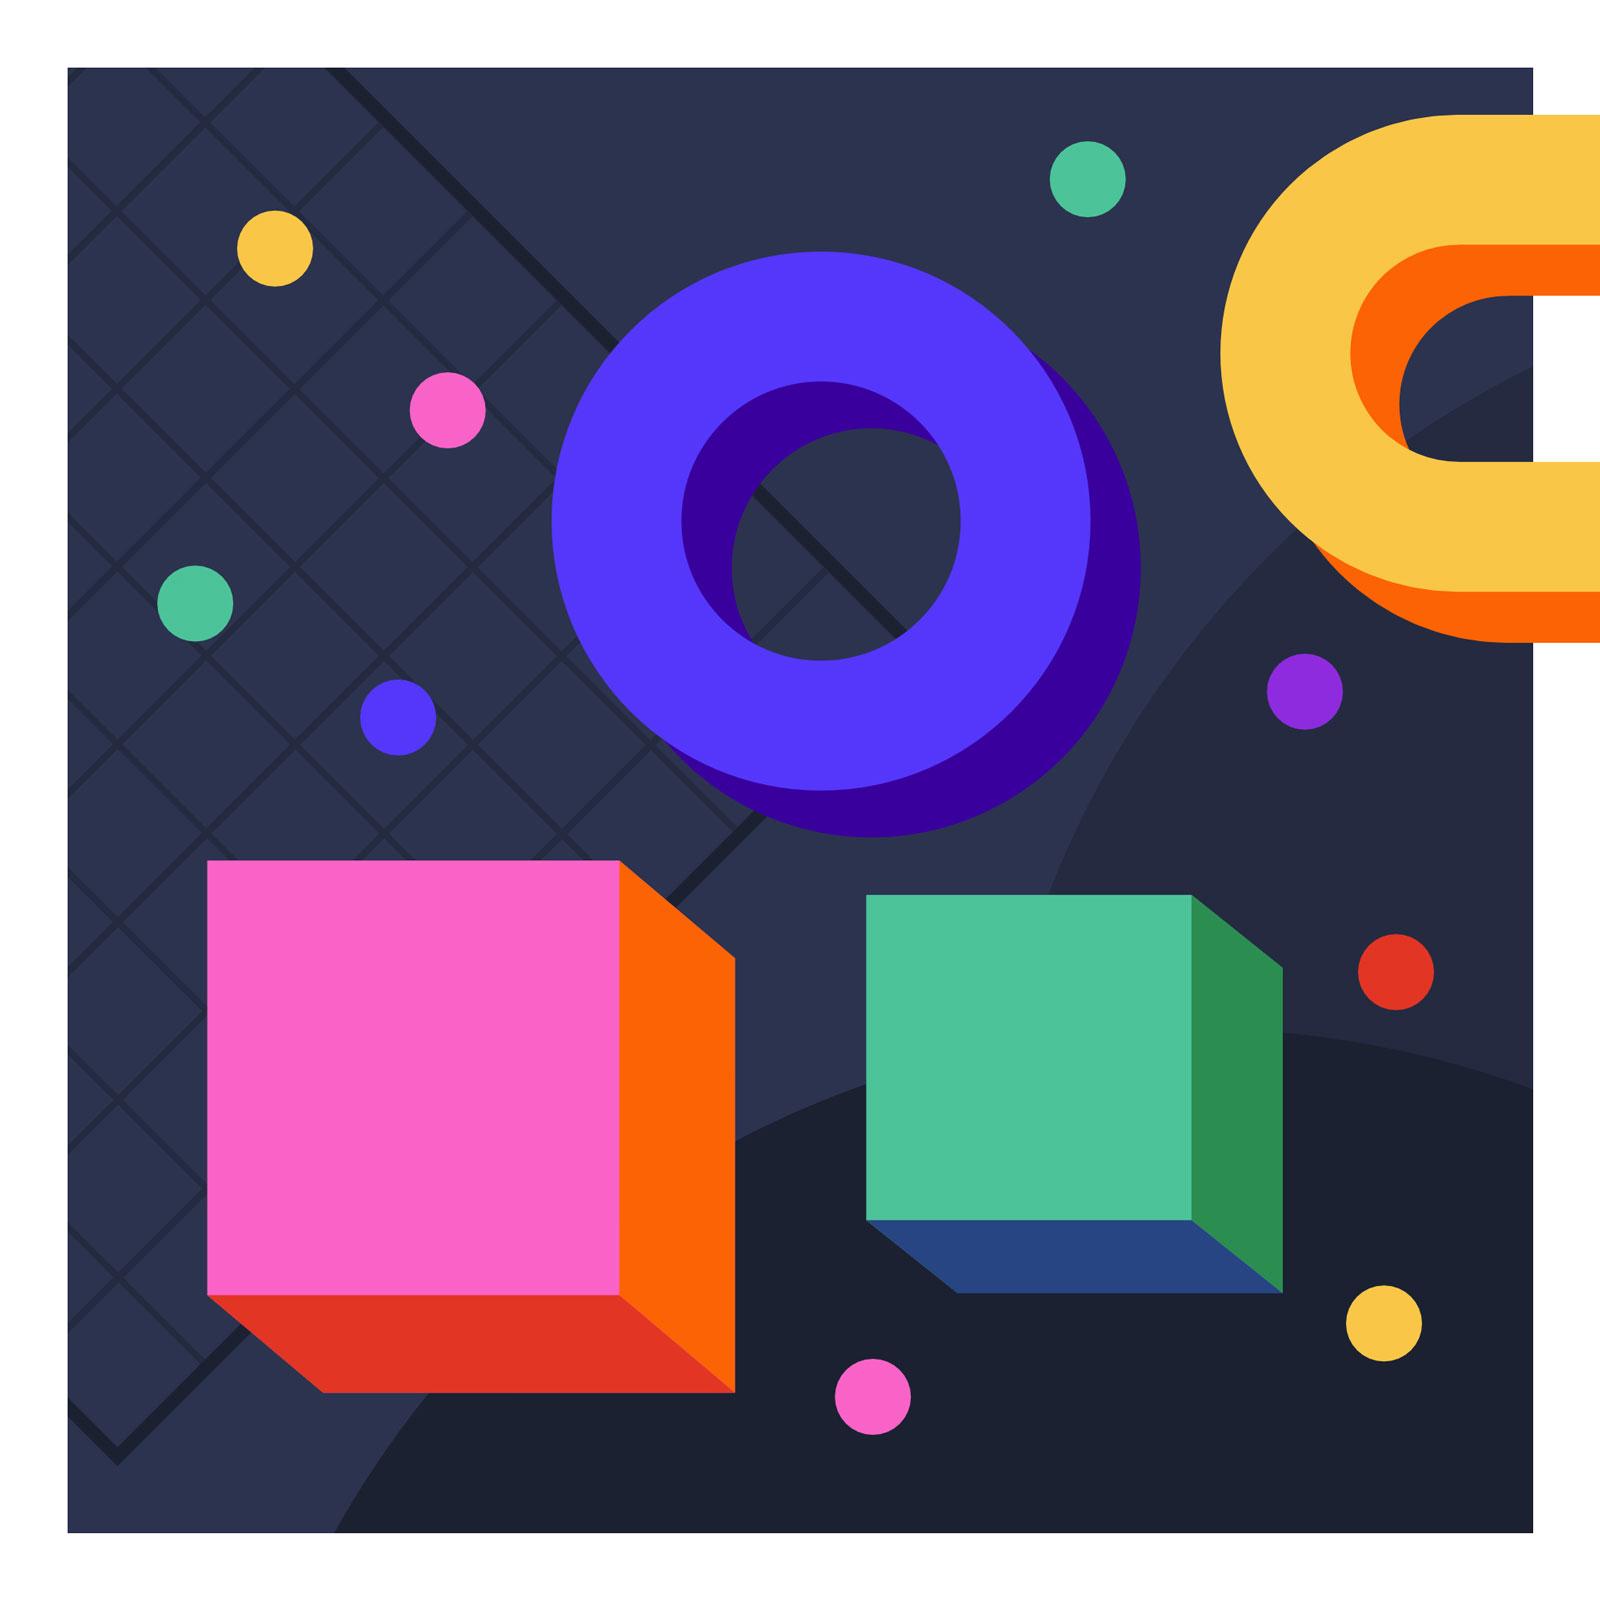 Arc-n-cube-s